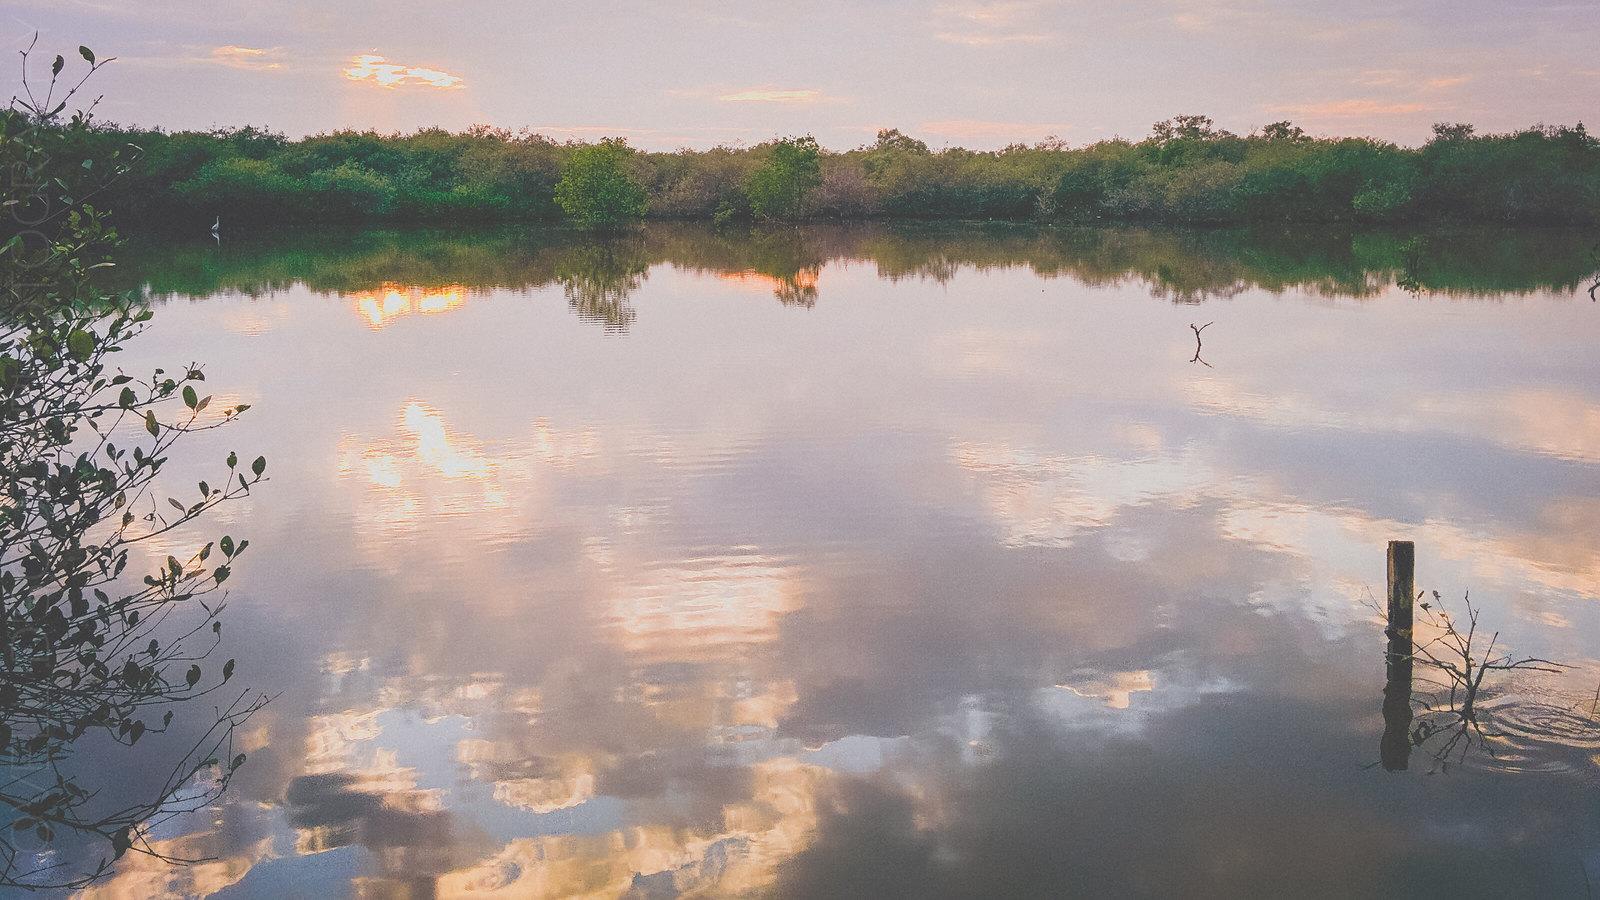 Divar Mangroves